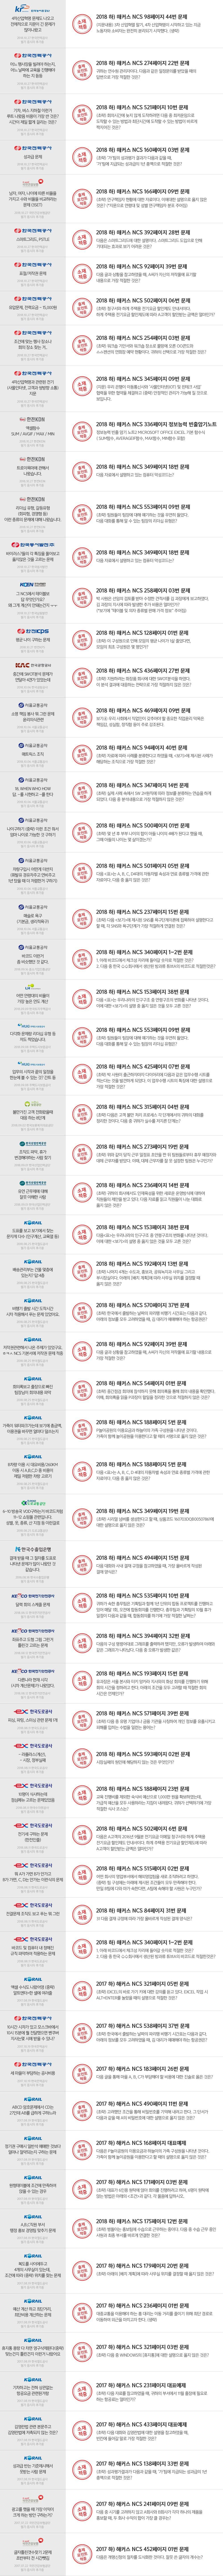 2018 NCS 적중내용